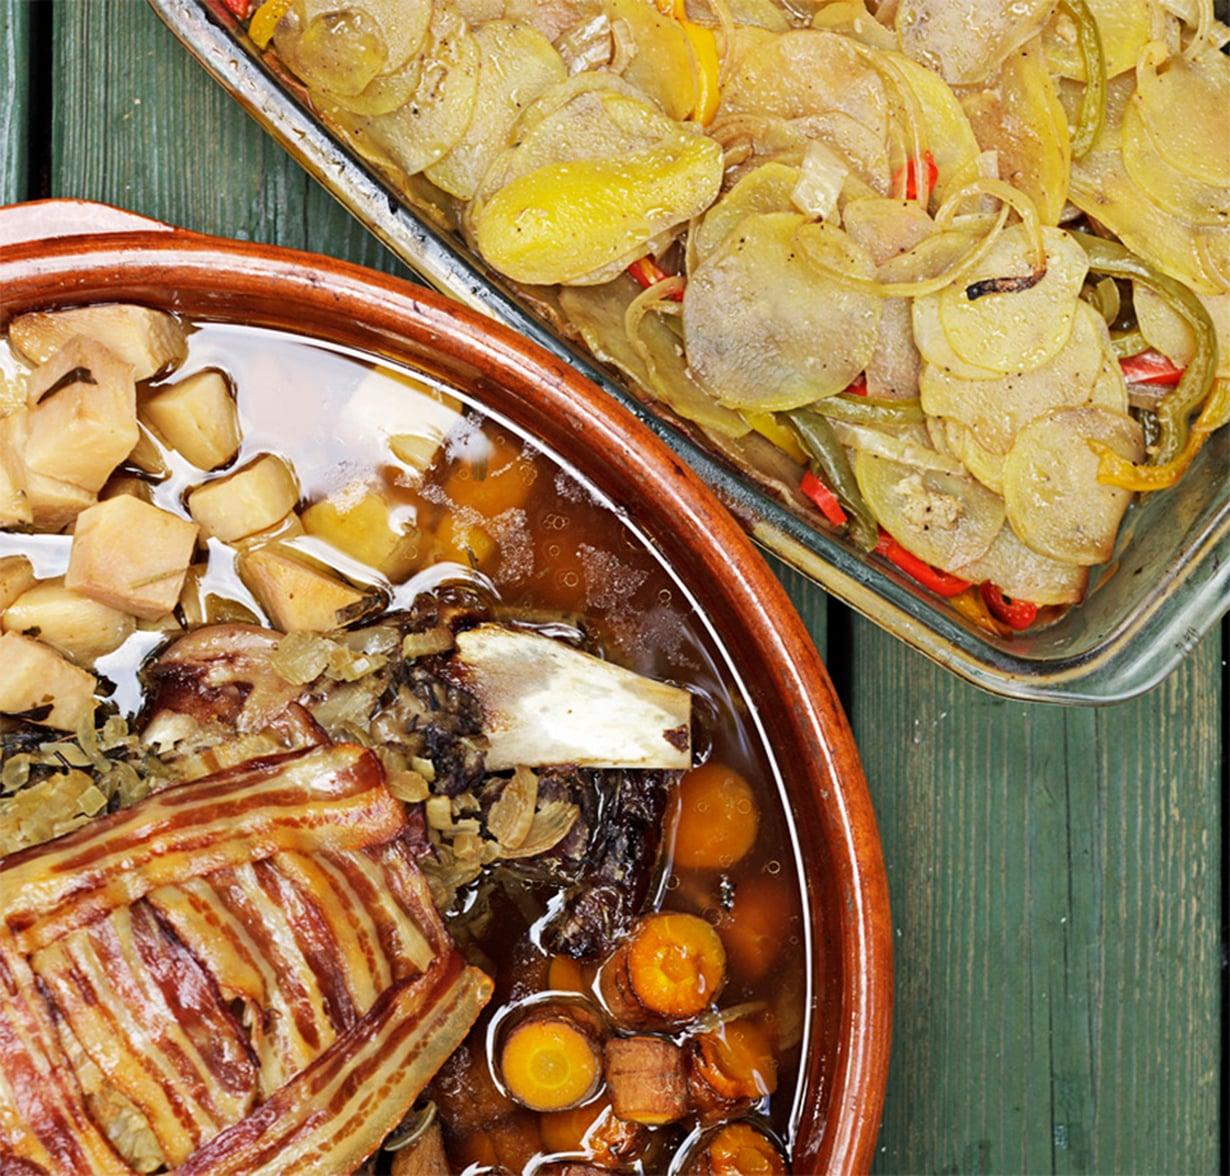 Uunissa haudutetut perunat ovat hyvä lisäke esimerkiksi lihapadalle.